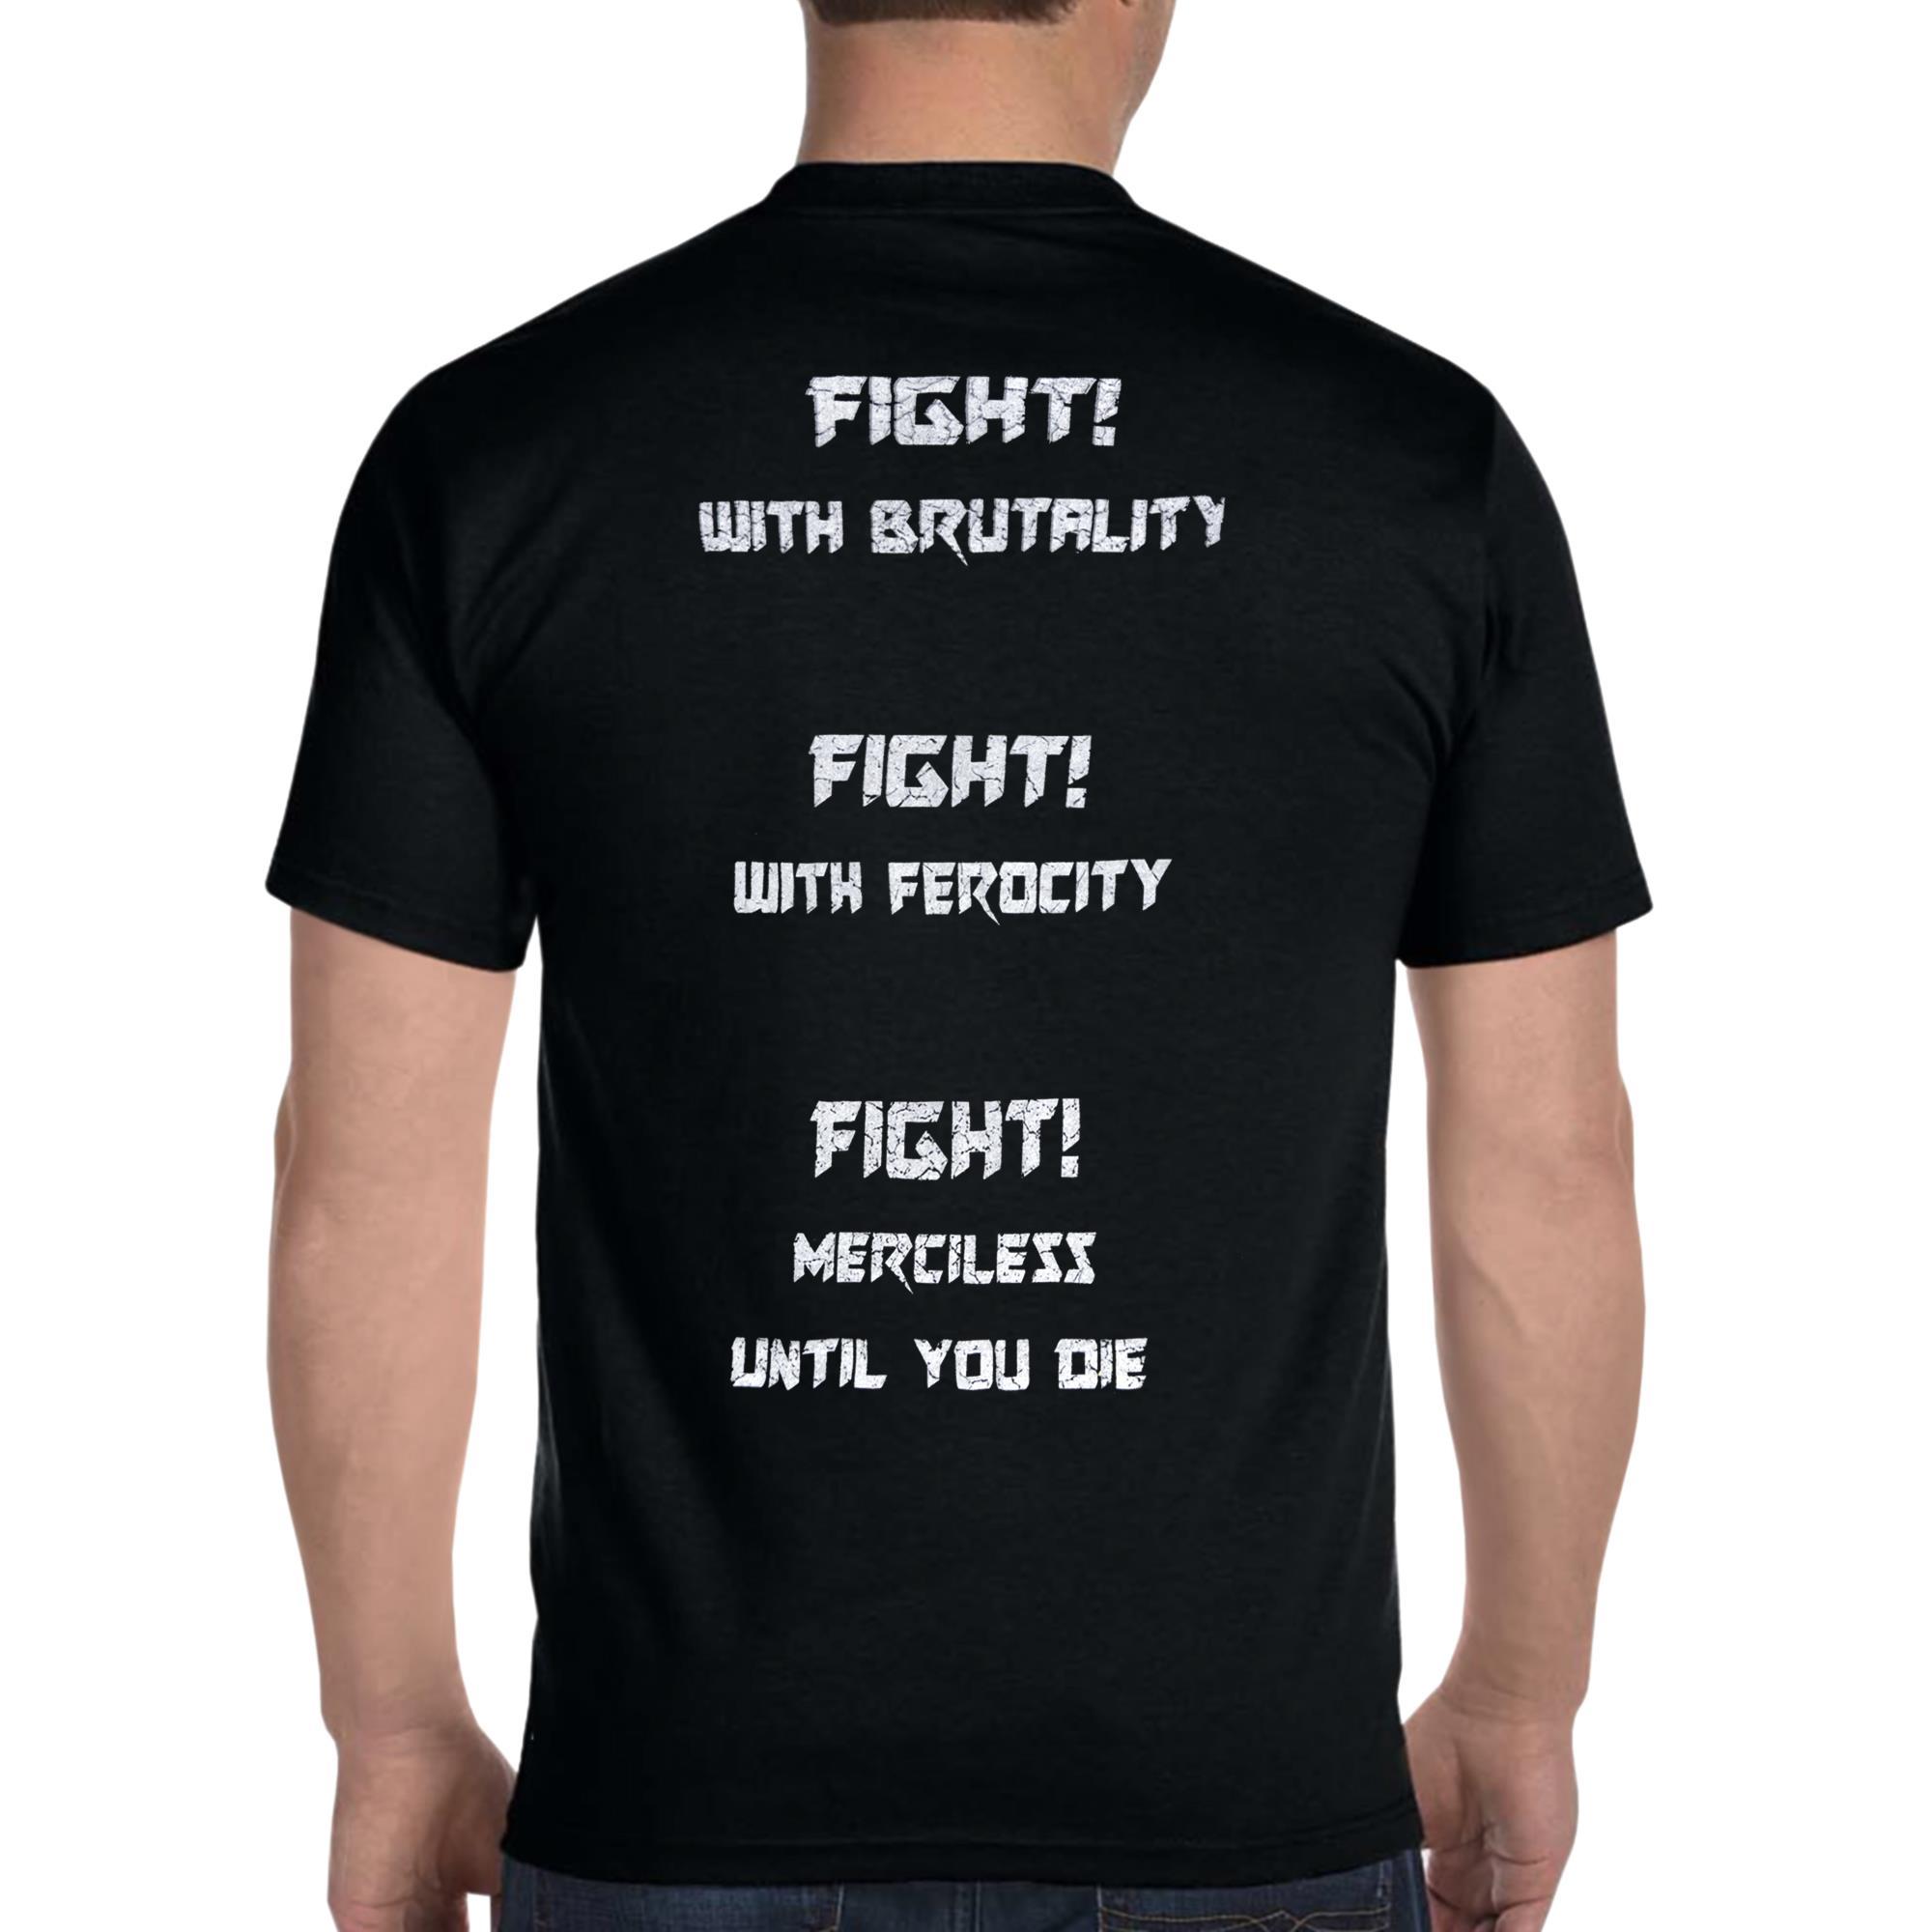 Eradicate Duo T-shirt + CD